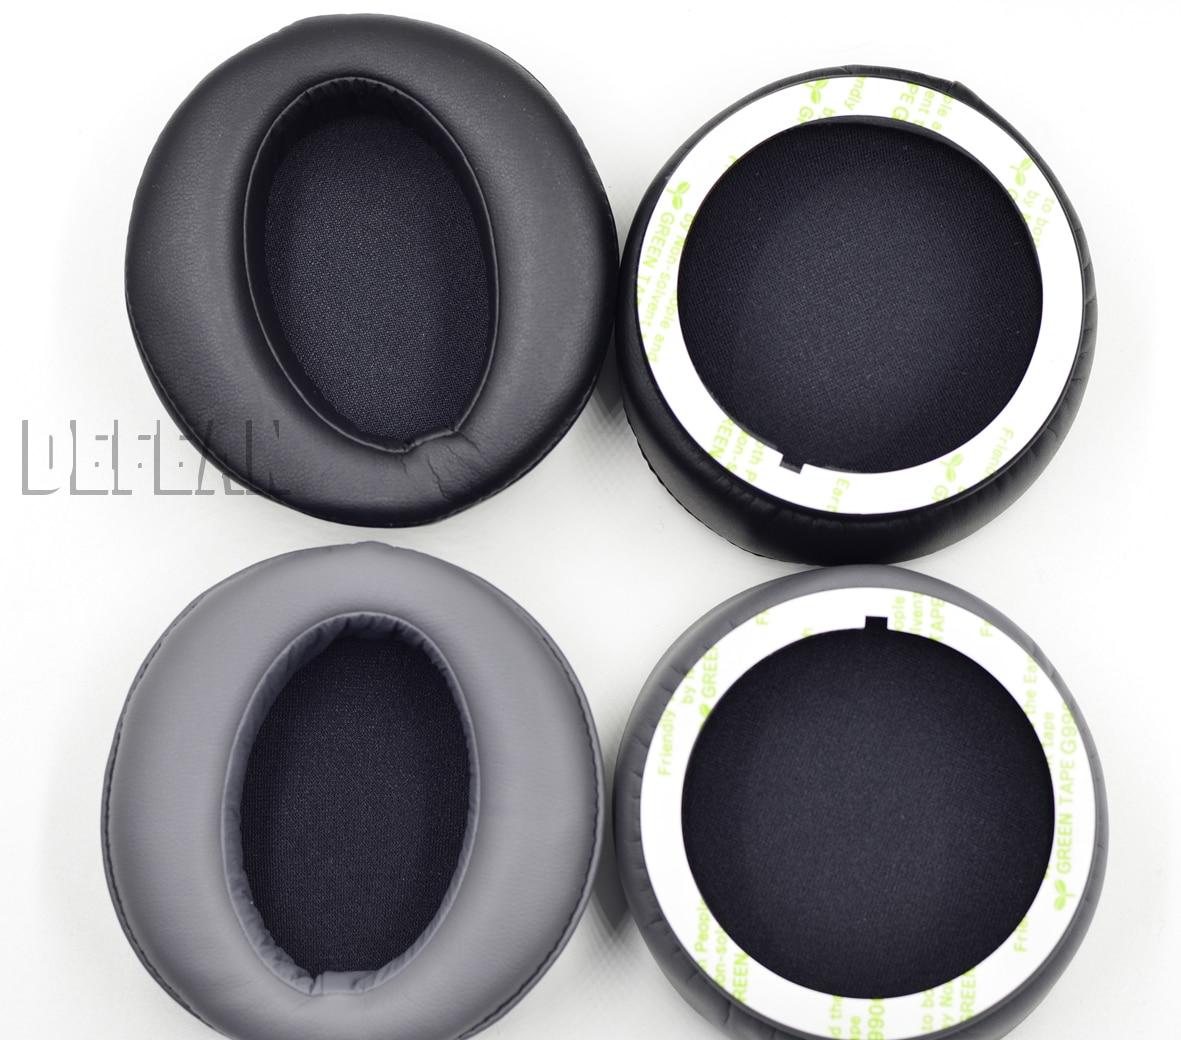 Almohadillas de oído originales para Sony MDR-XB950AP XB 950AP AP auriculares-ajuste xb950AP solamente